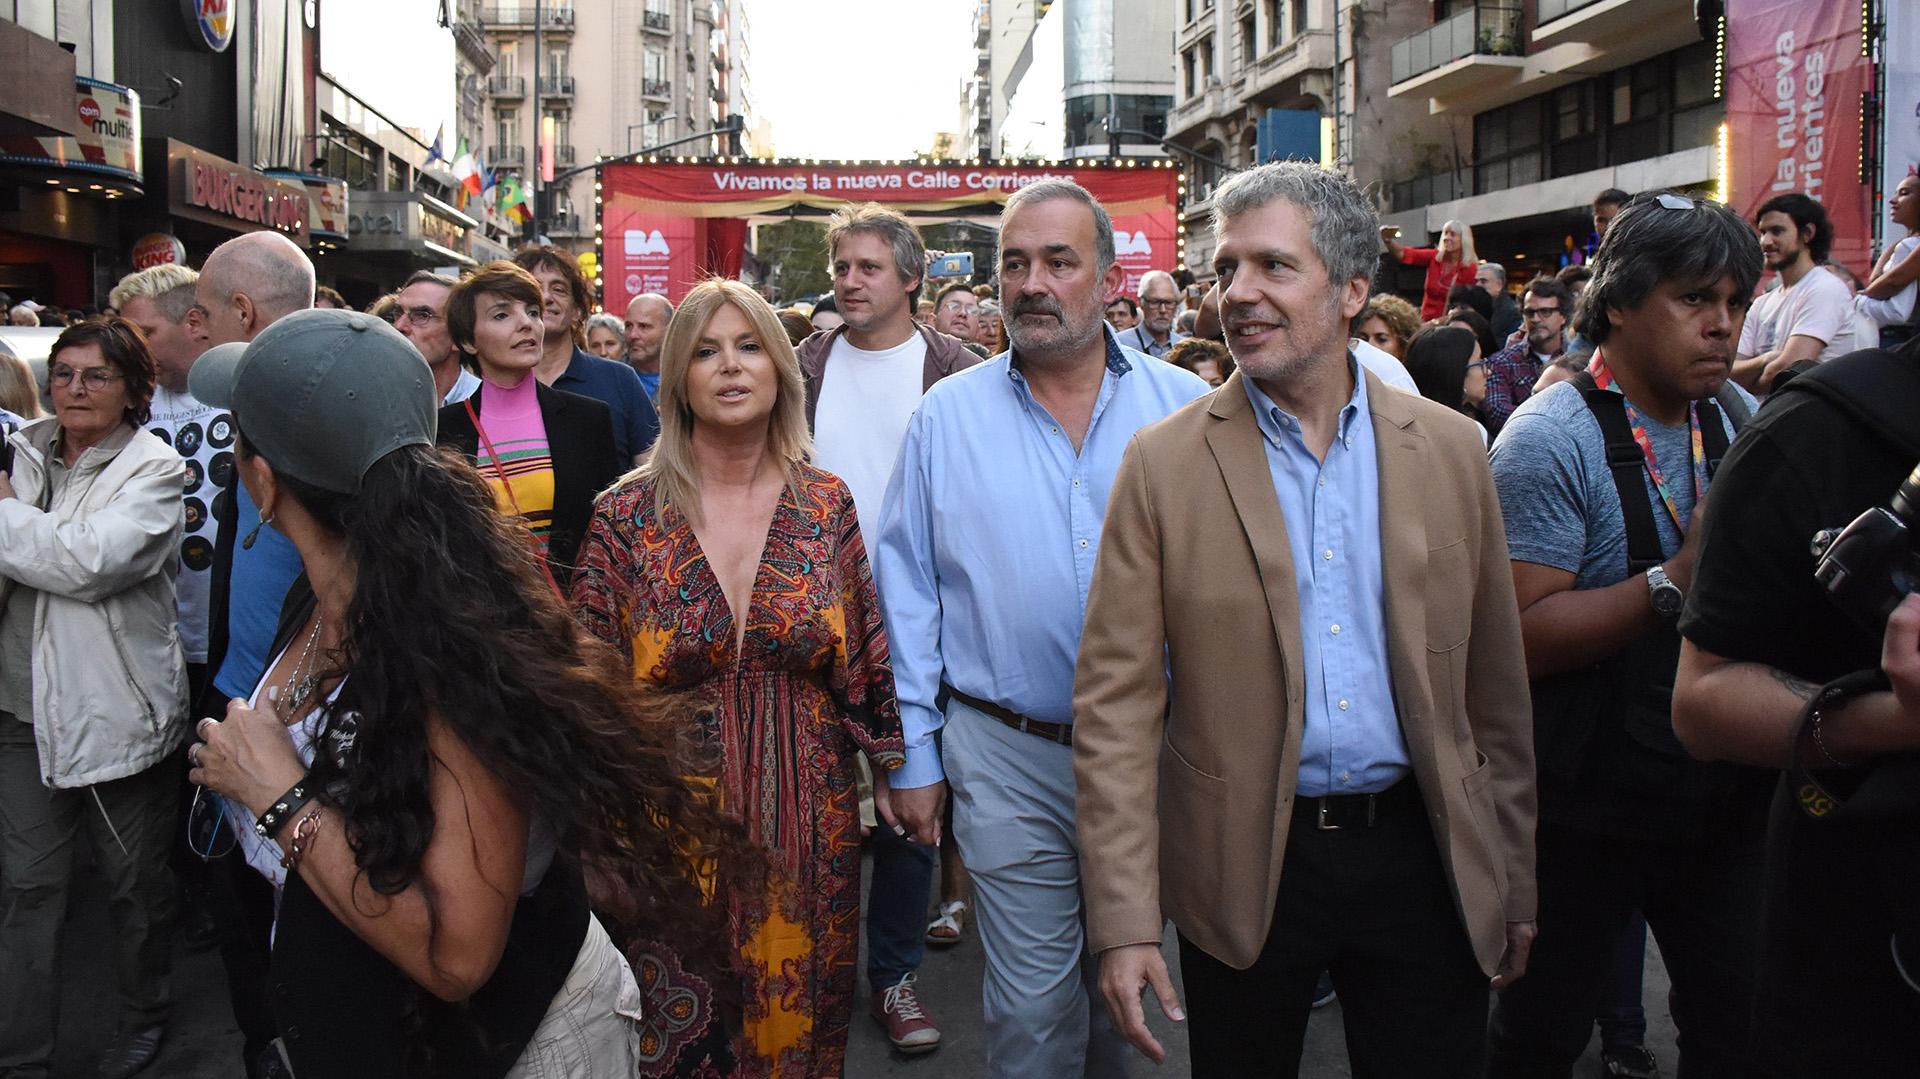 Eduardo Machiavelli, ministro de Ambiente y Espacio Público, recorrió las calles acompañado de su mujer